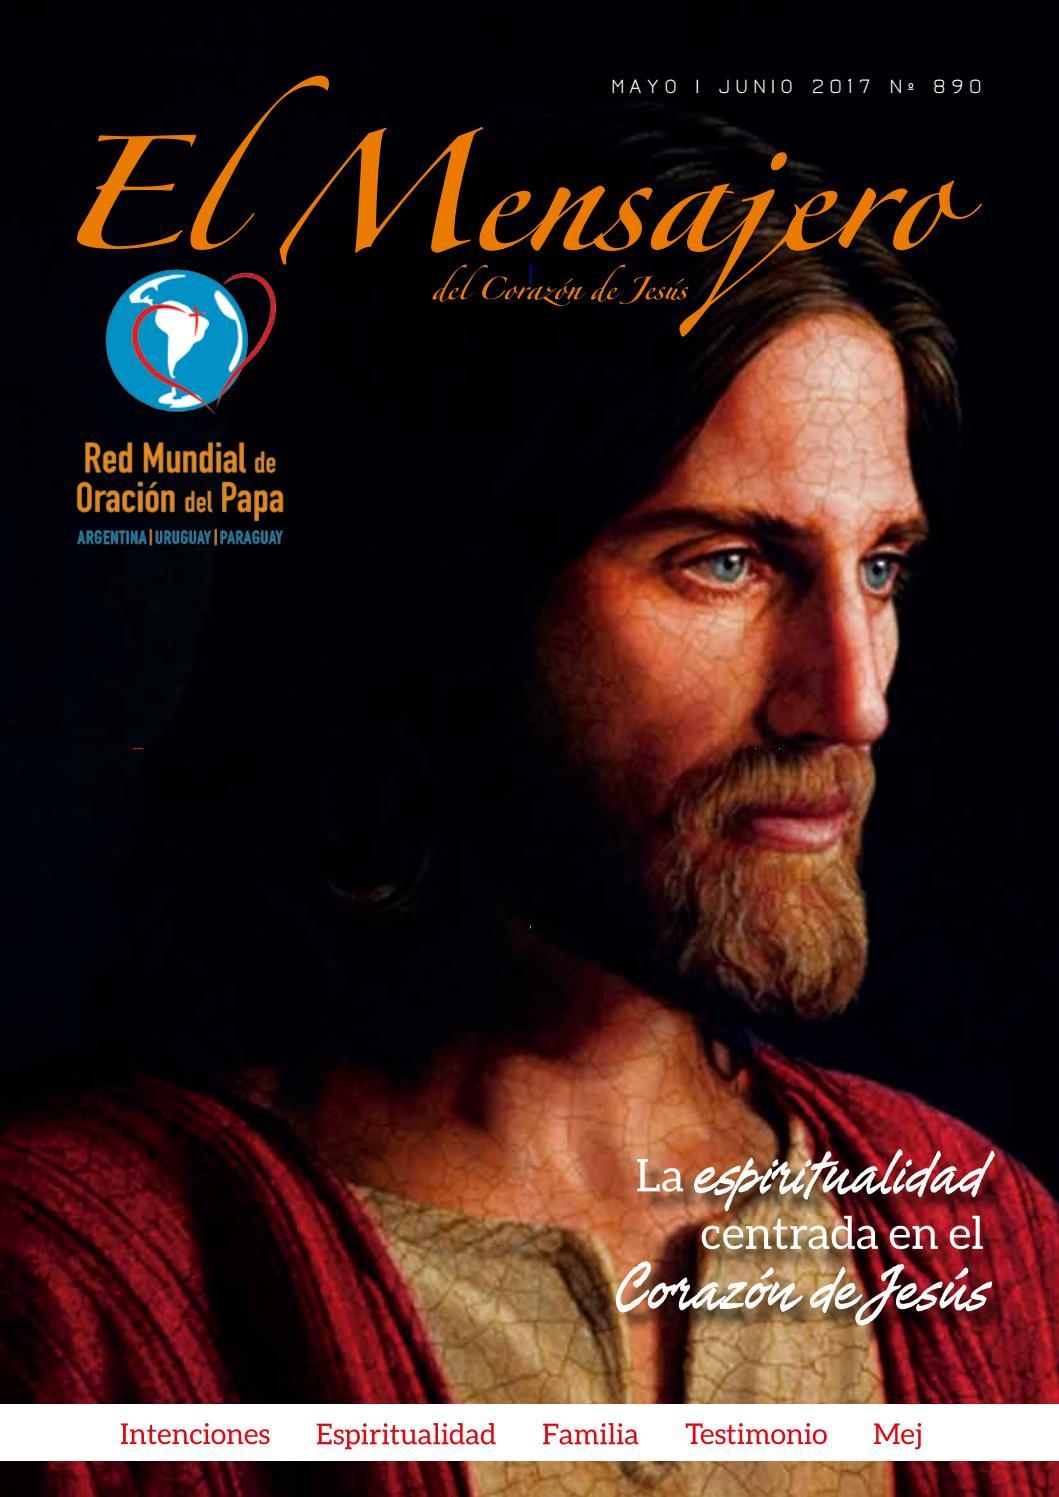 El Mensajero del Corazón de Jesús. Mayo-Junio. Nº 890 by